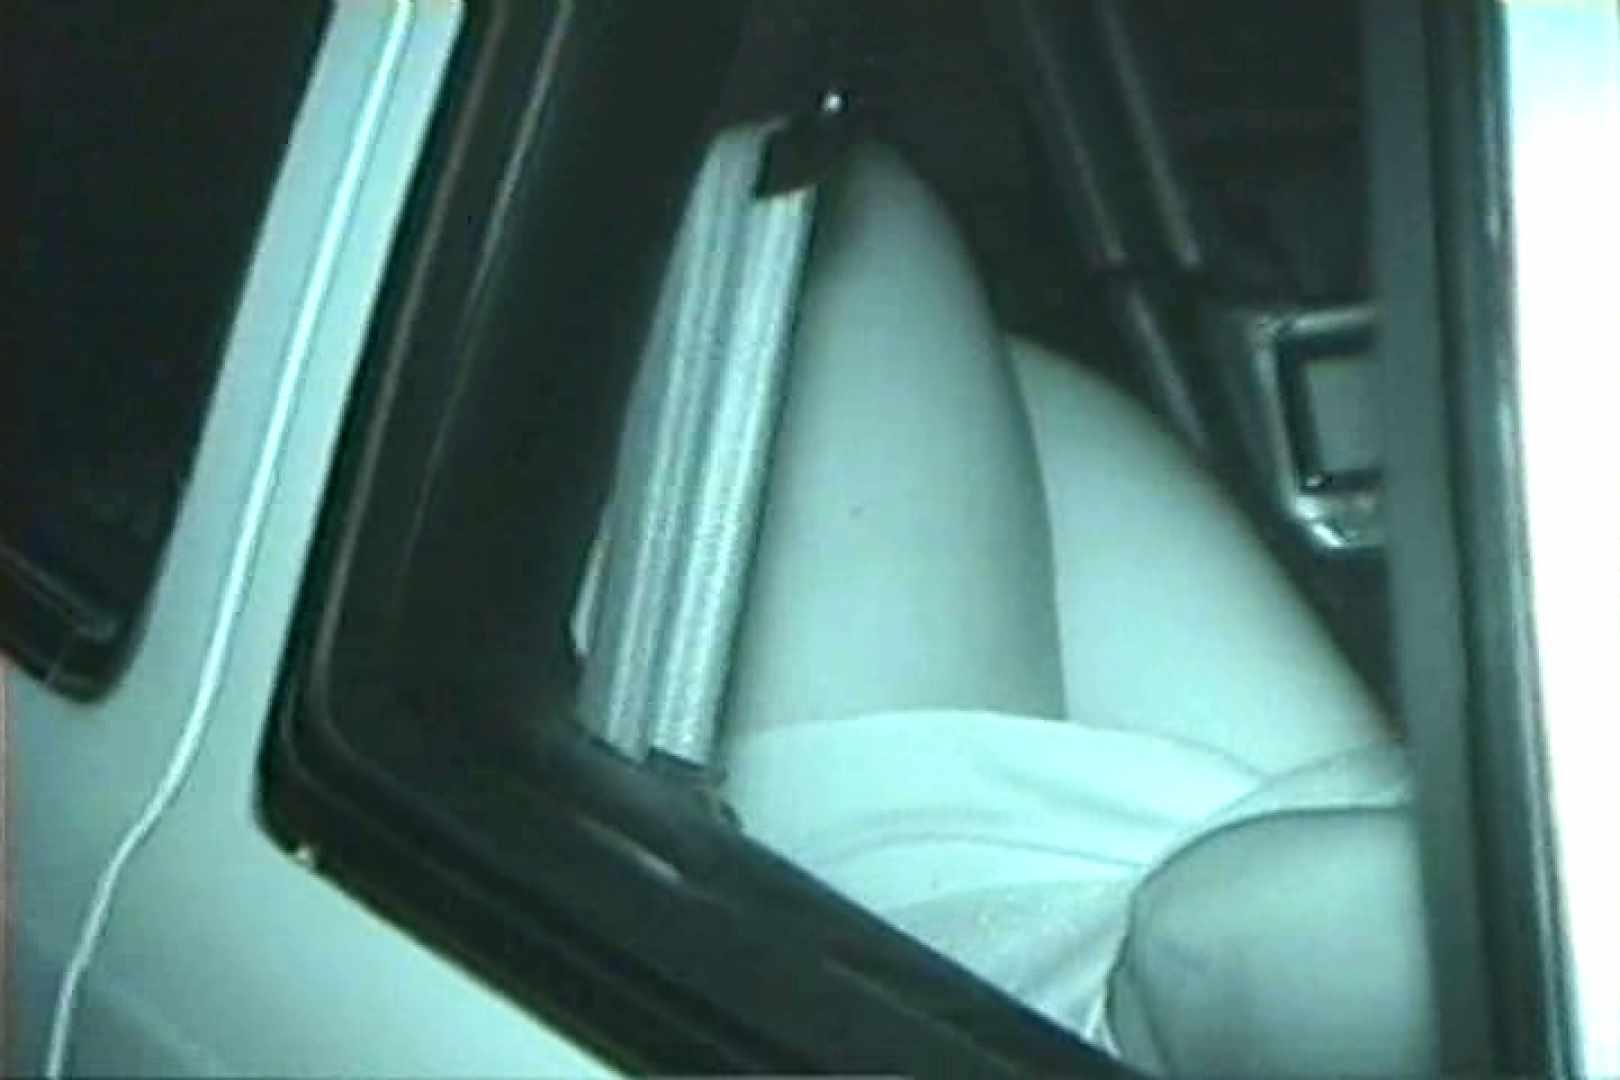 車の中はラブホテル 無修正版  Vol.25 ラブホテル 盗撮おまんこ無修正動画無料 40pic 39